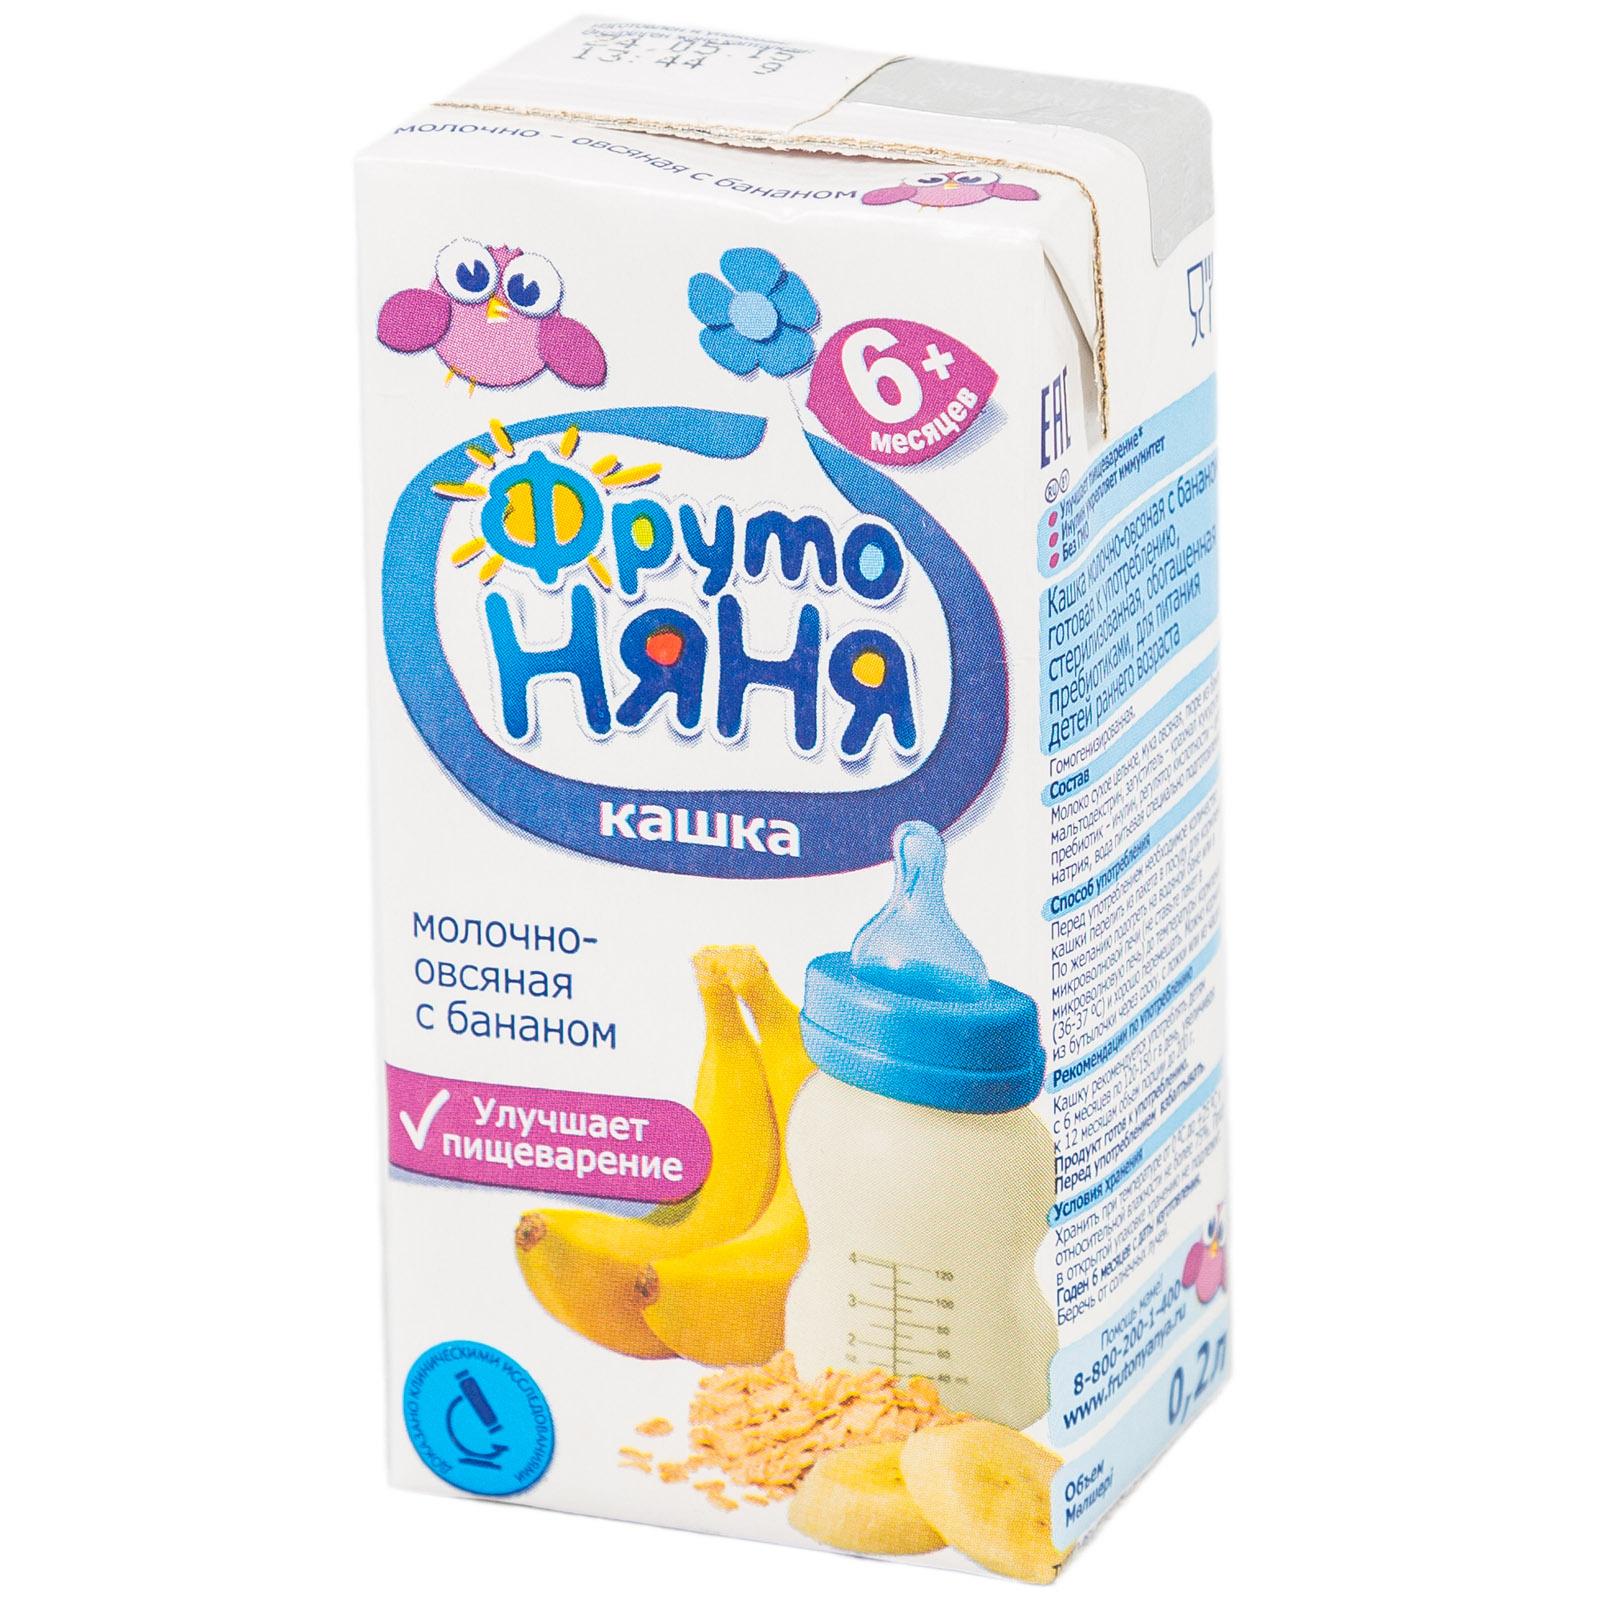 Каша Фрутоняня молочная 200 гр (готовая к употреблению) Овсяная с бананом (с 6 мес)<br>